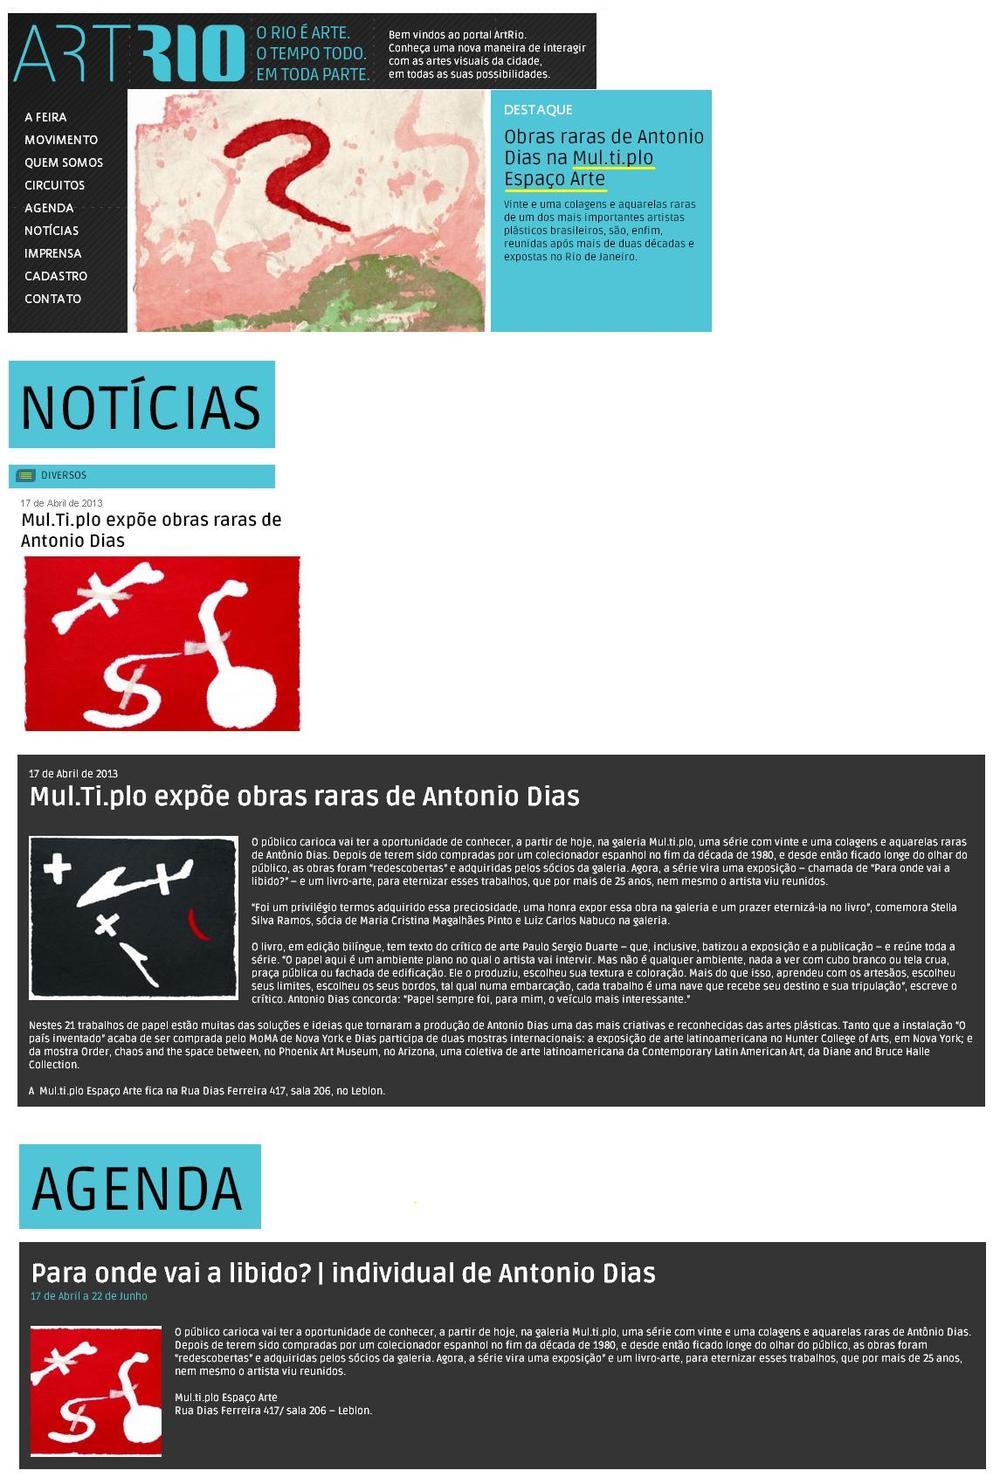 MÚL.TI.PLO ESPAÇO ARTE NO ARTRIO 17.04.2013.JPG